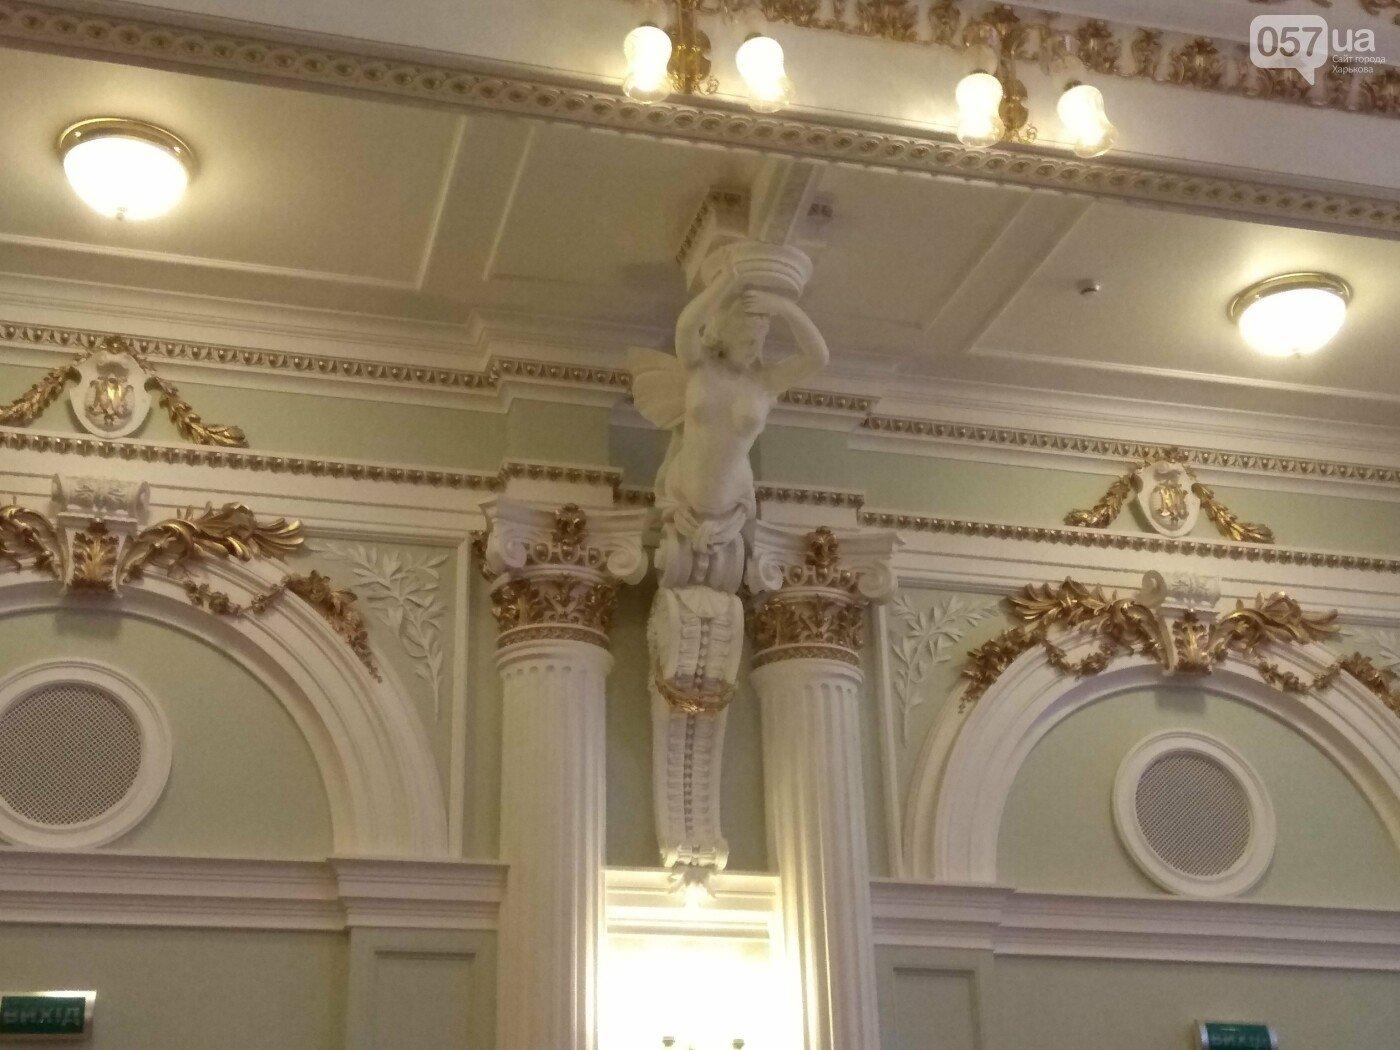 Старинная гостиница, особняк и филармония: ТОП-5 отреставрированных памятников архитектуры в Харькове, - ФОТО, фото-7